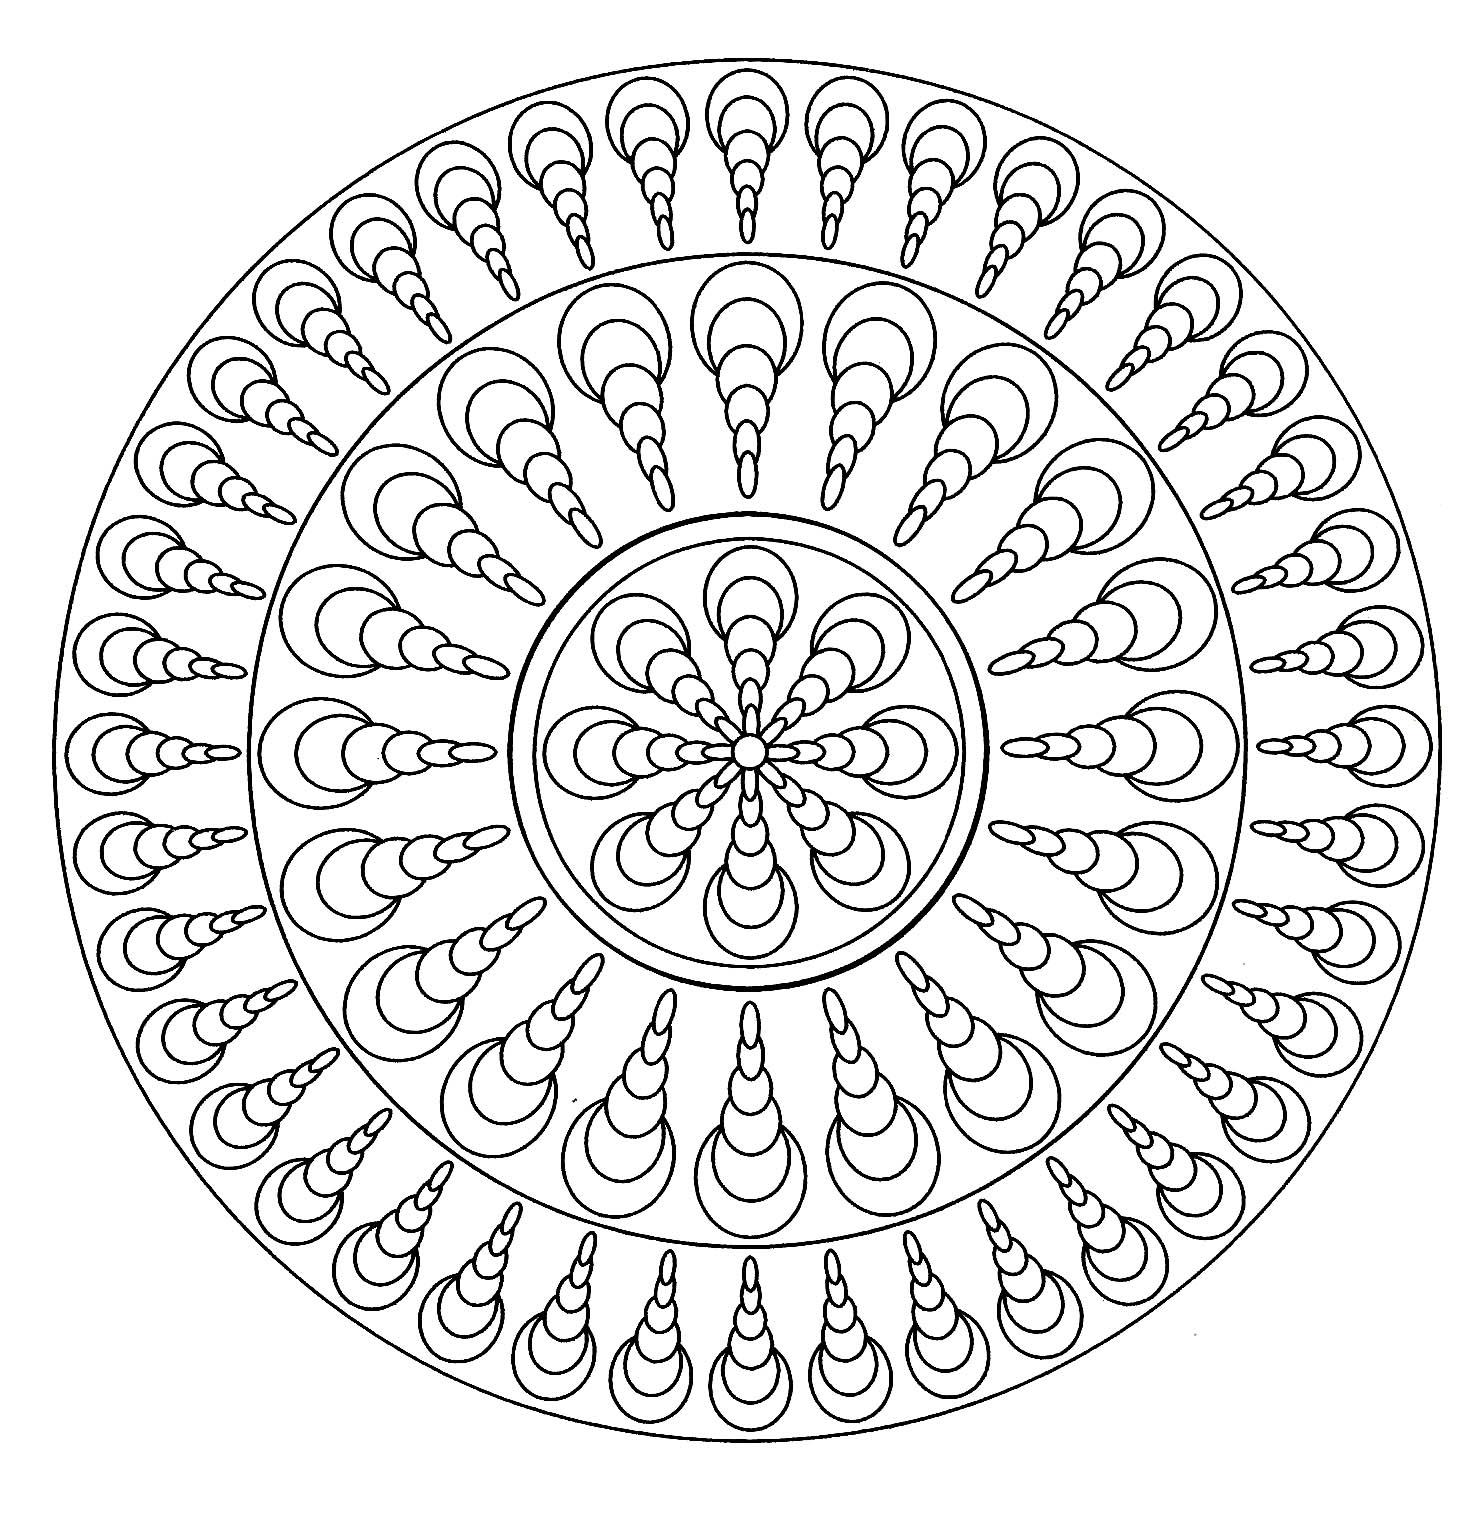 Mandala Facile 4 - Mandalas - Coloriages Difficiles Pour Adultes tout Mandala Facile À Imprimer